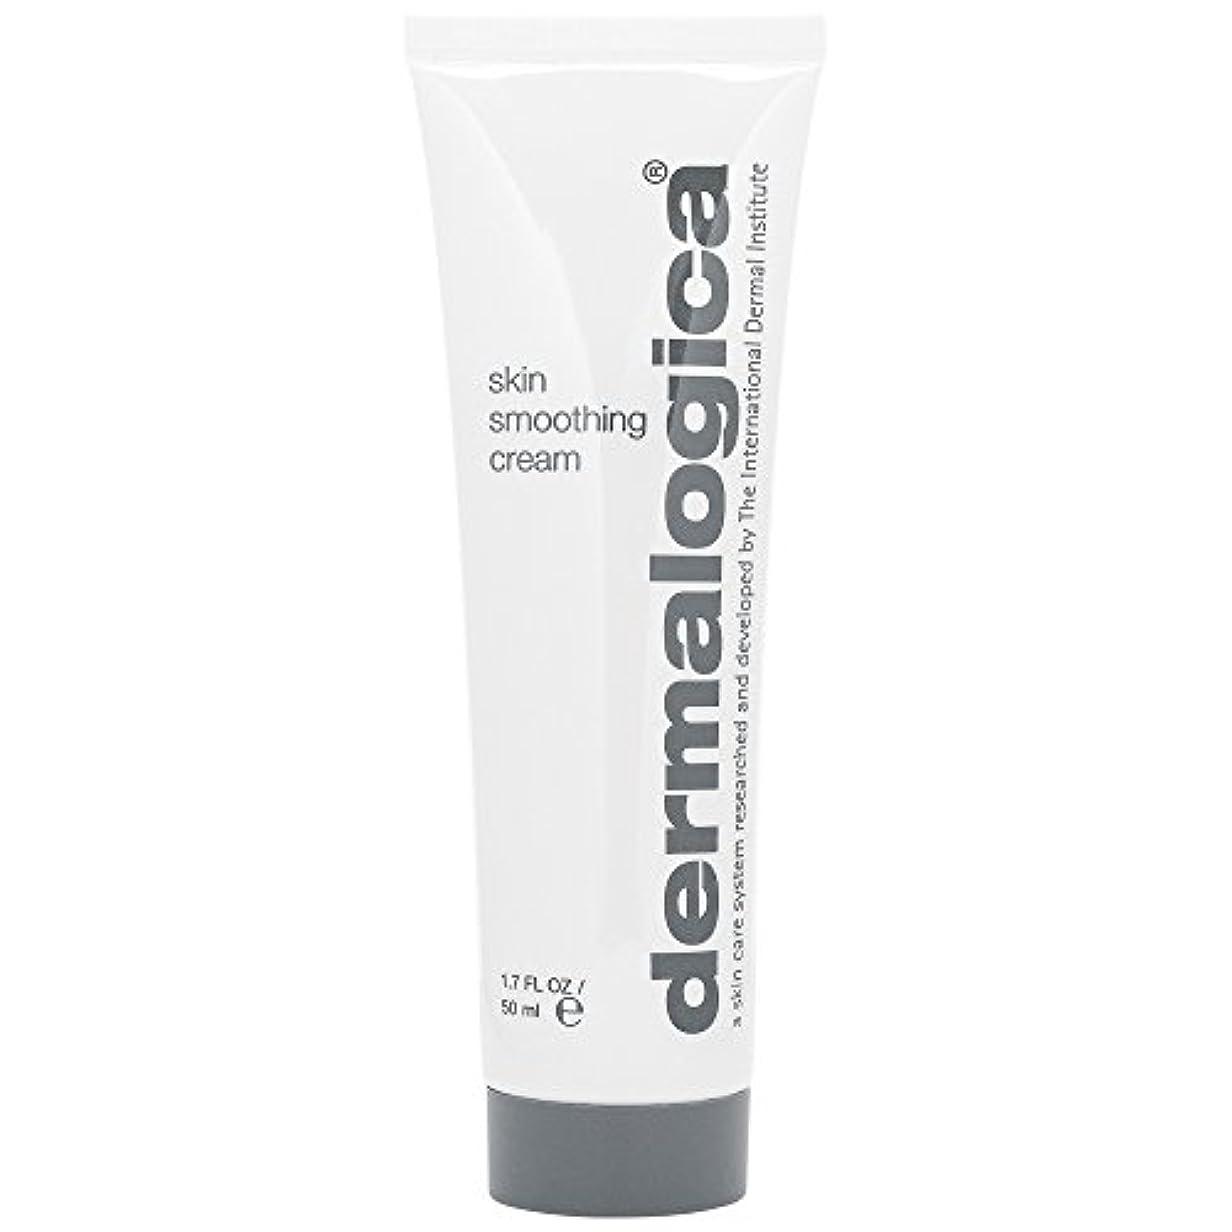 ブルジョンコンパイル普遍的なダーマロジカスキンスムージングクリーム50ミリリットル (Dermalogica) (x6) - Dermalogica Skin Smoothing Cream 50ml (Pack of 6) [並行輸入品]